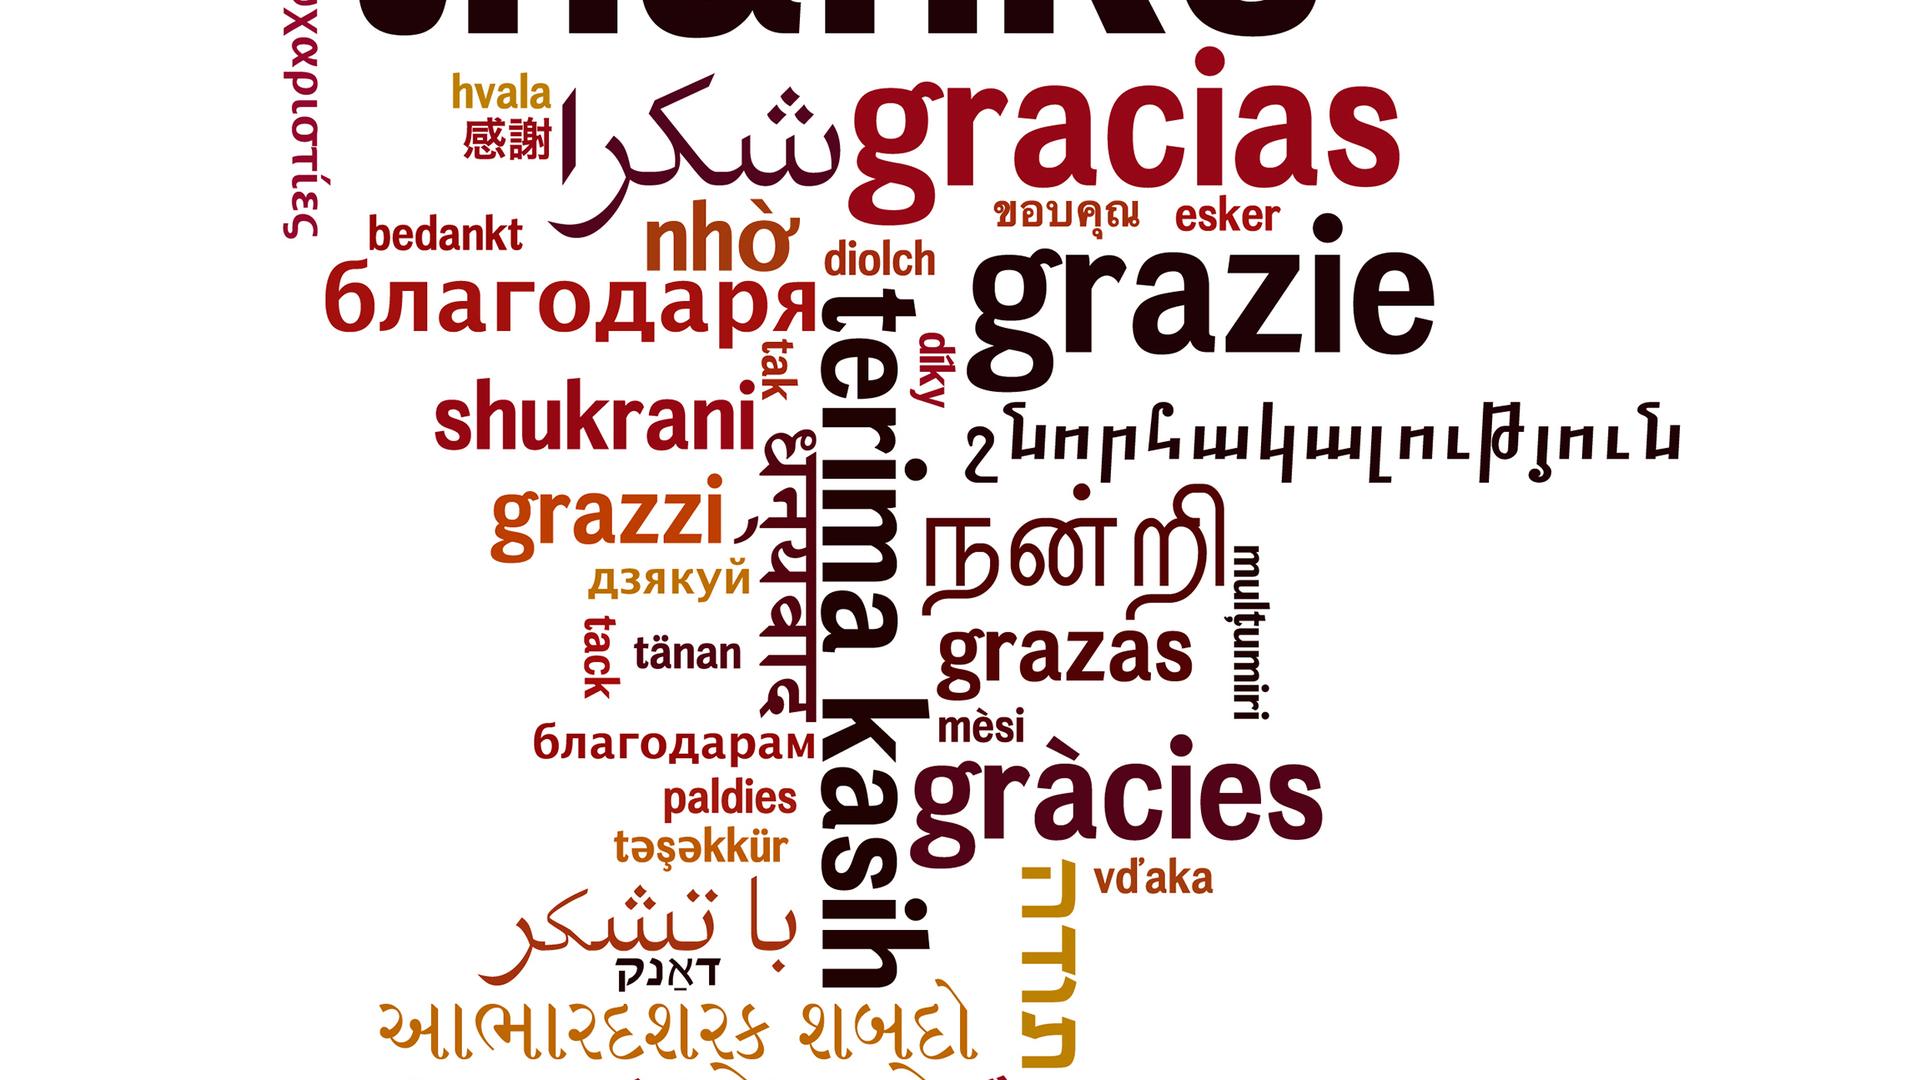 A Piccula Storia di a lingua corsa